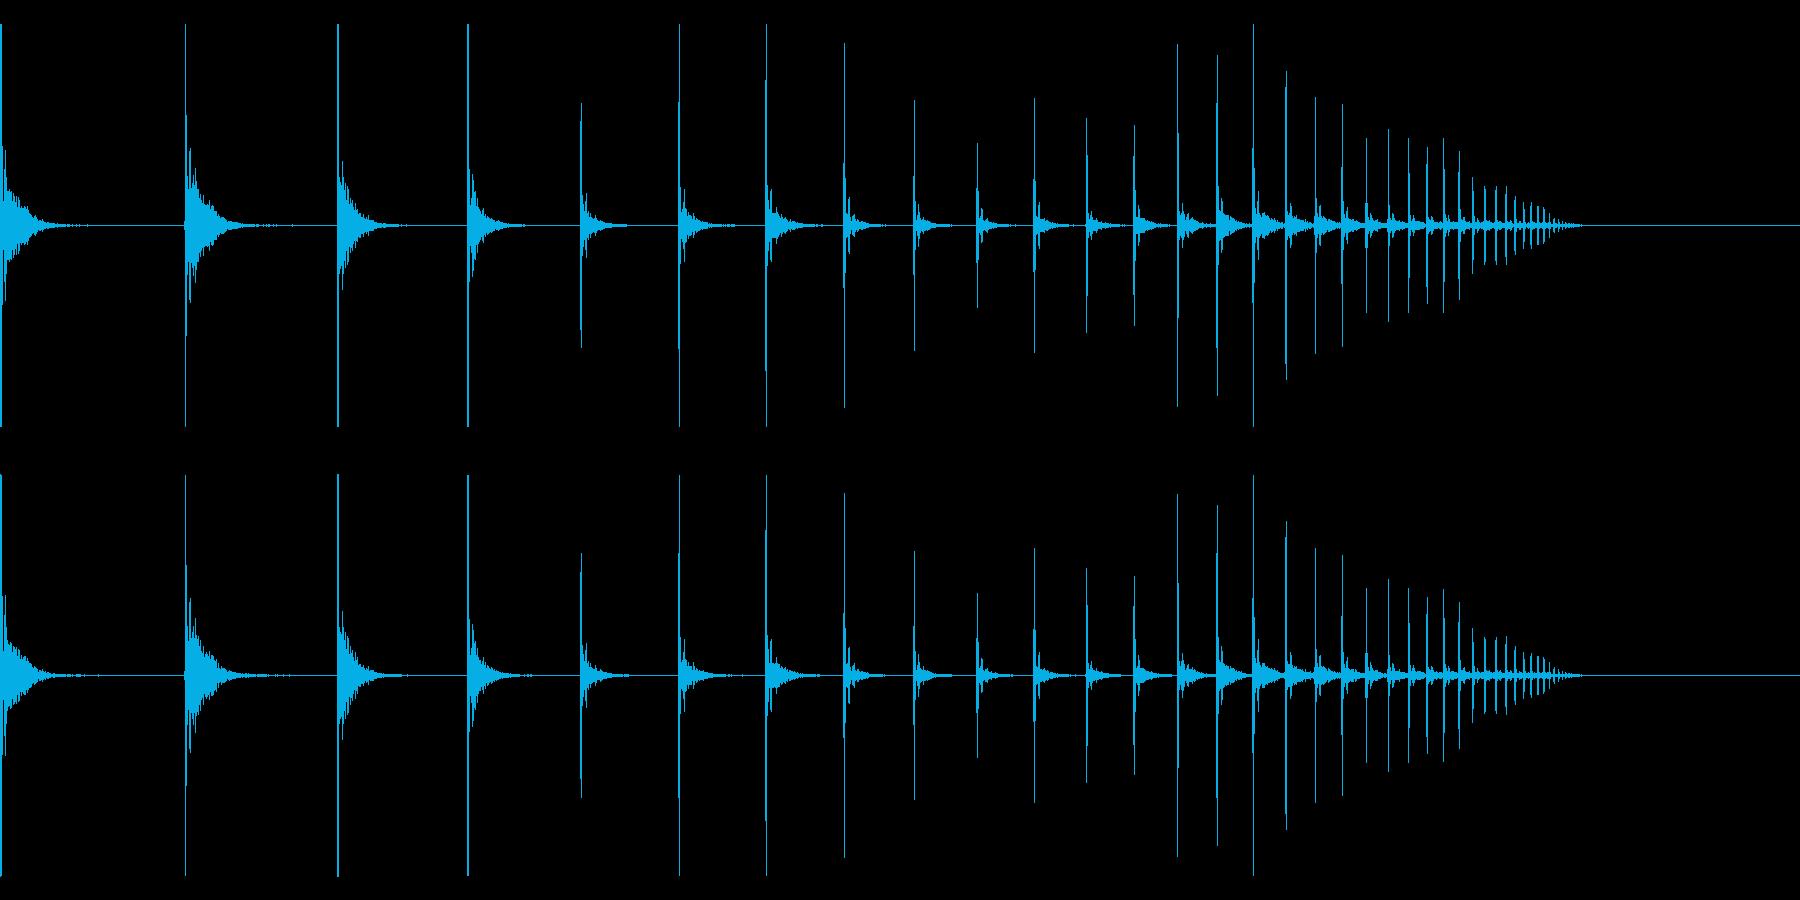 【生録音】卓球の球が跳ねる音 6 転がるの再生済みの波形